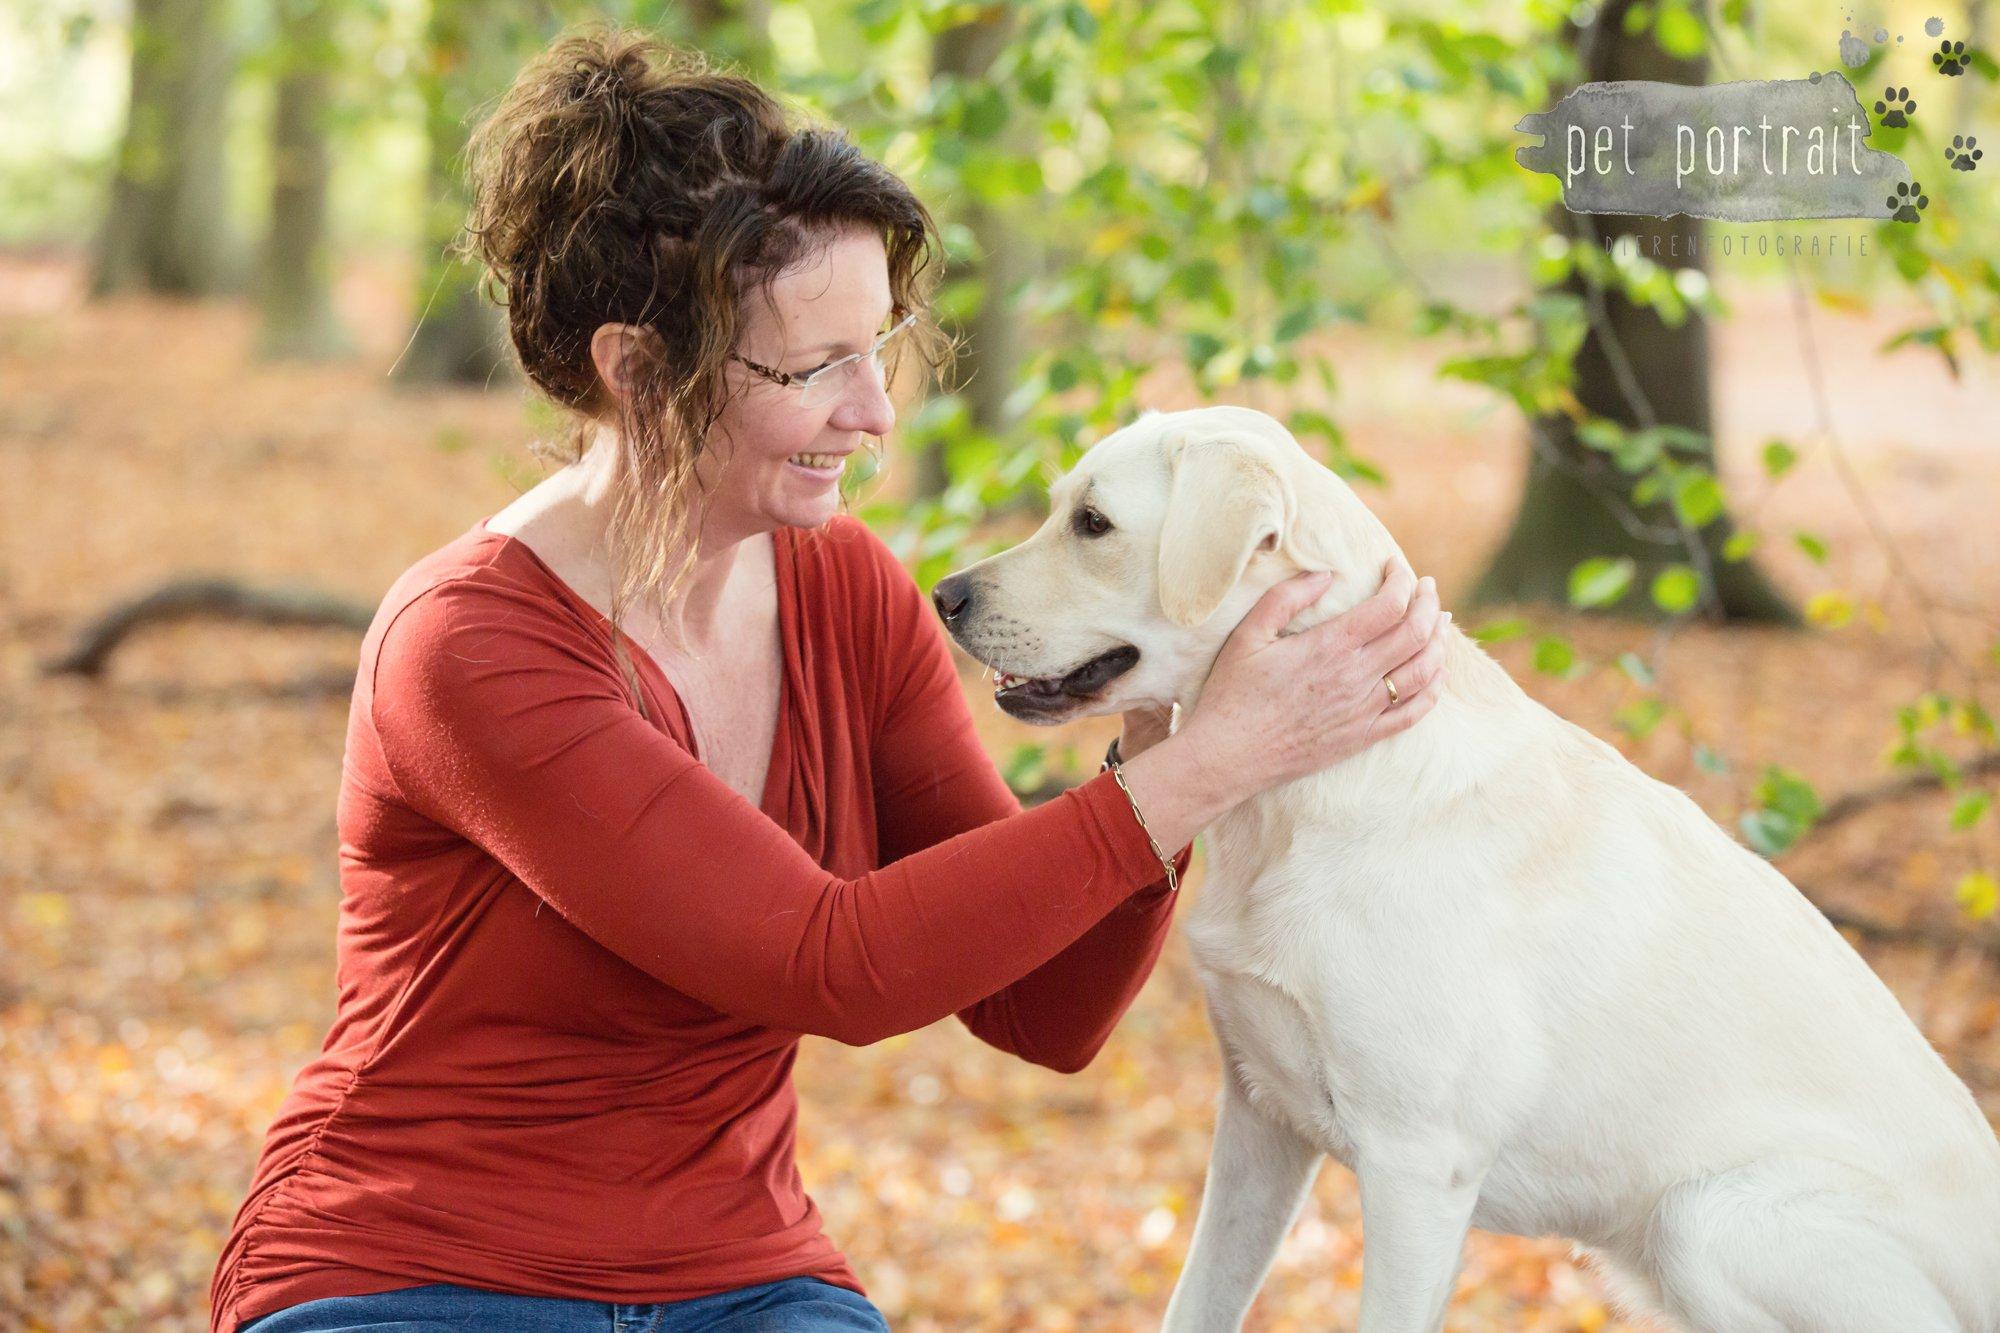 hondenfotograaf-s-graveland-beloved-dier-en-baasje-fotoshoot-labrador-juul-4